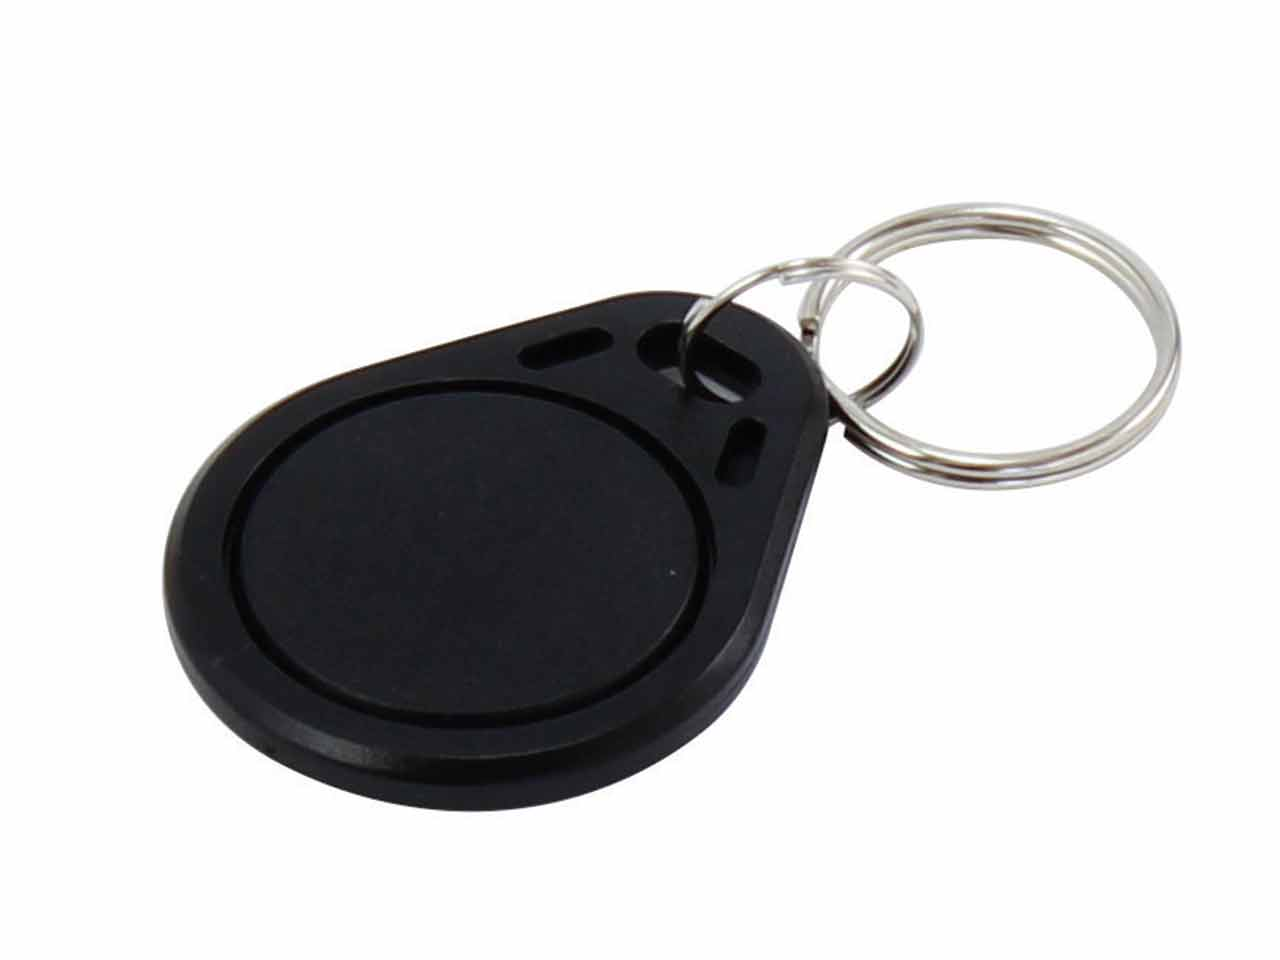 Sufersa jh llaves proximidad - Imanes para puertas ...